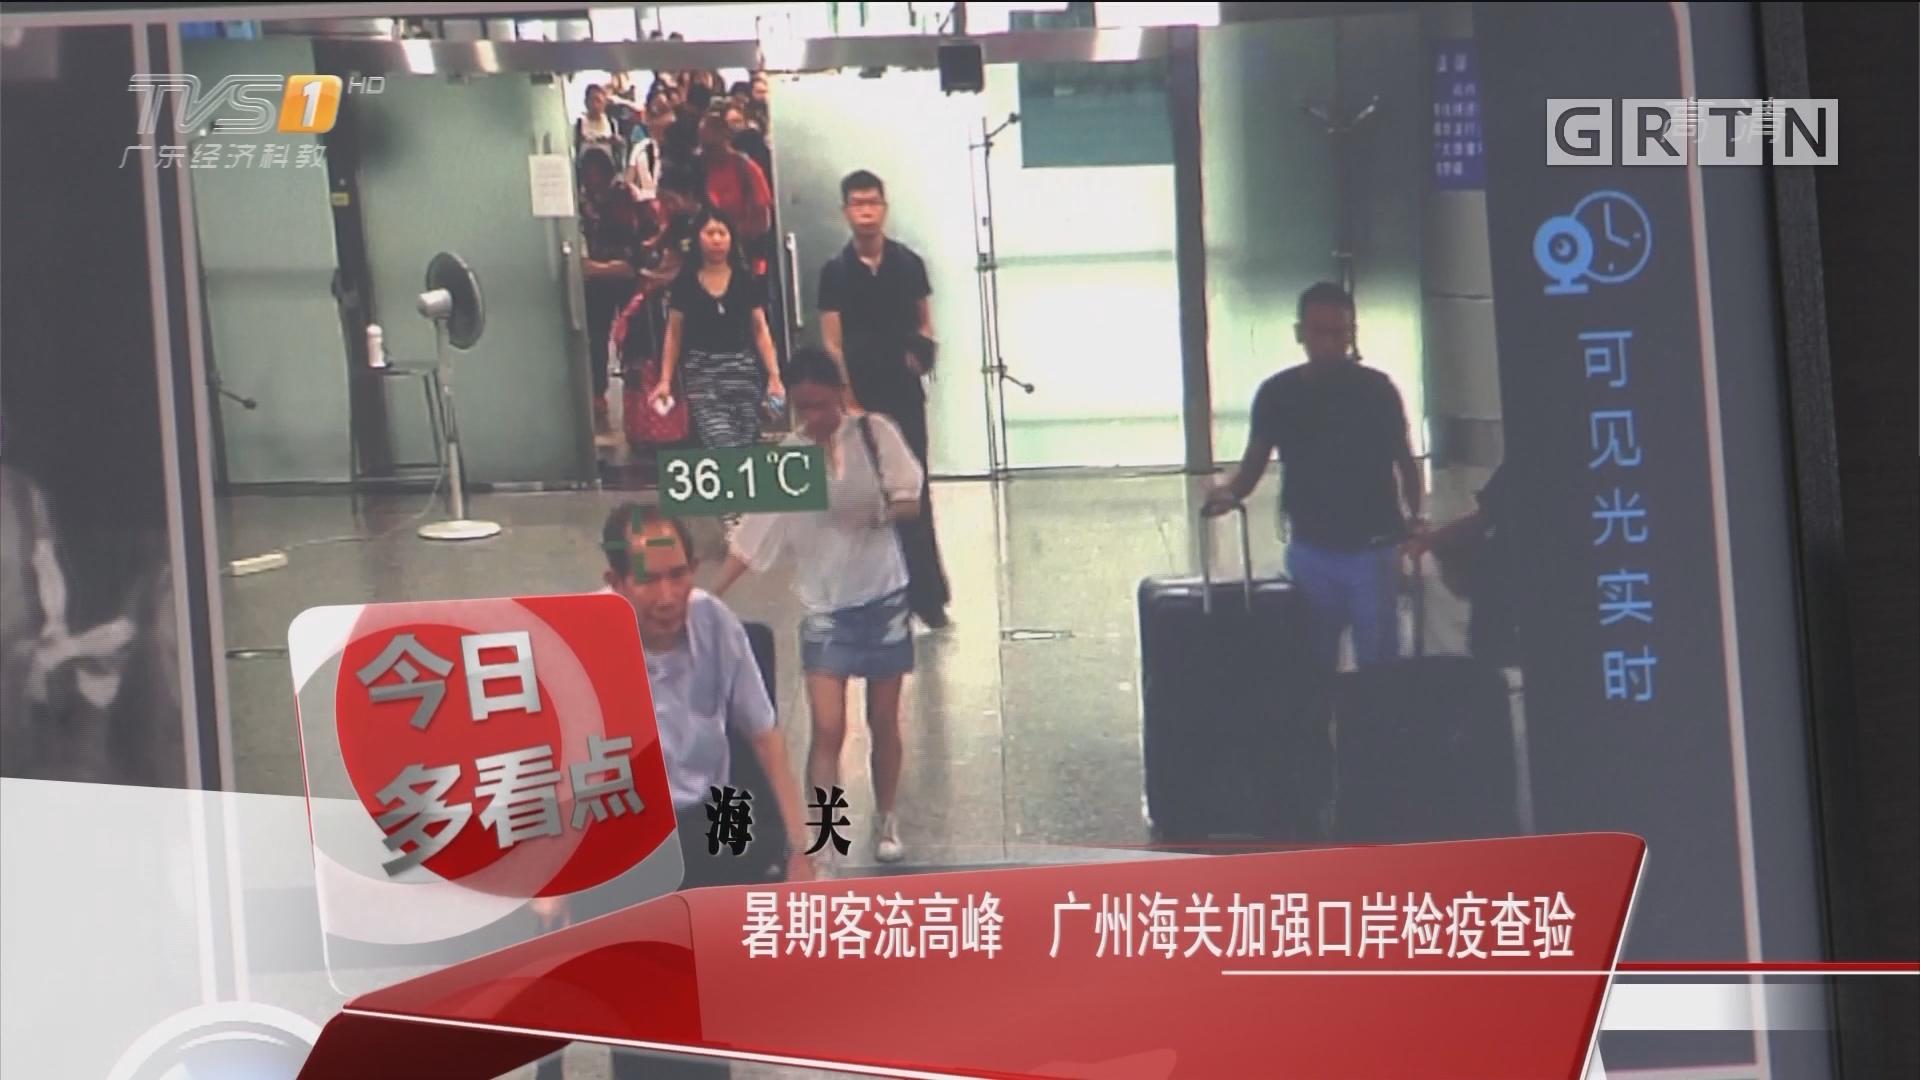 海关:暑期客流高峰 广州海关加强口岸检疫查验